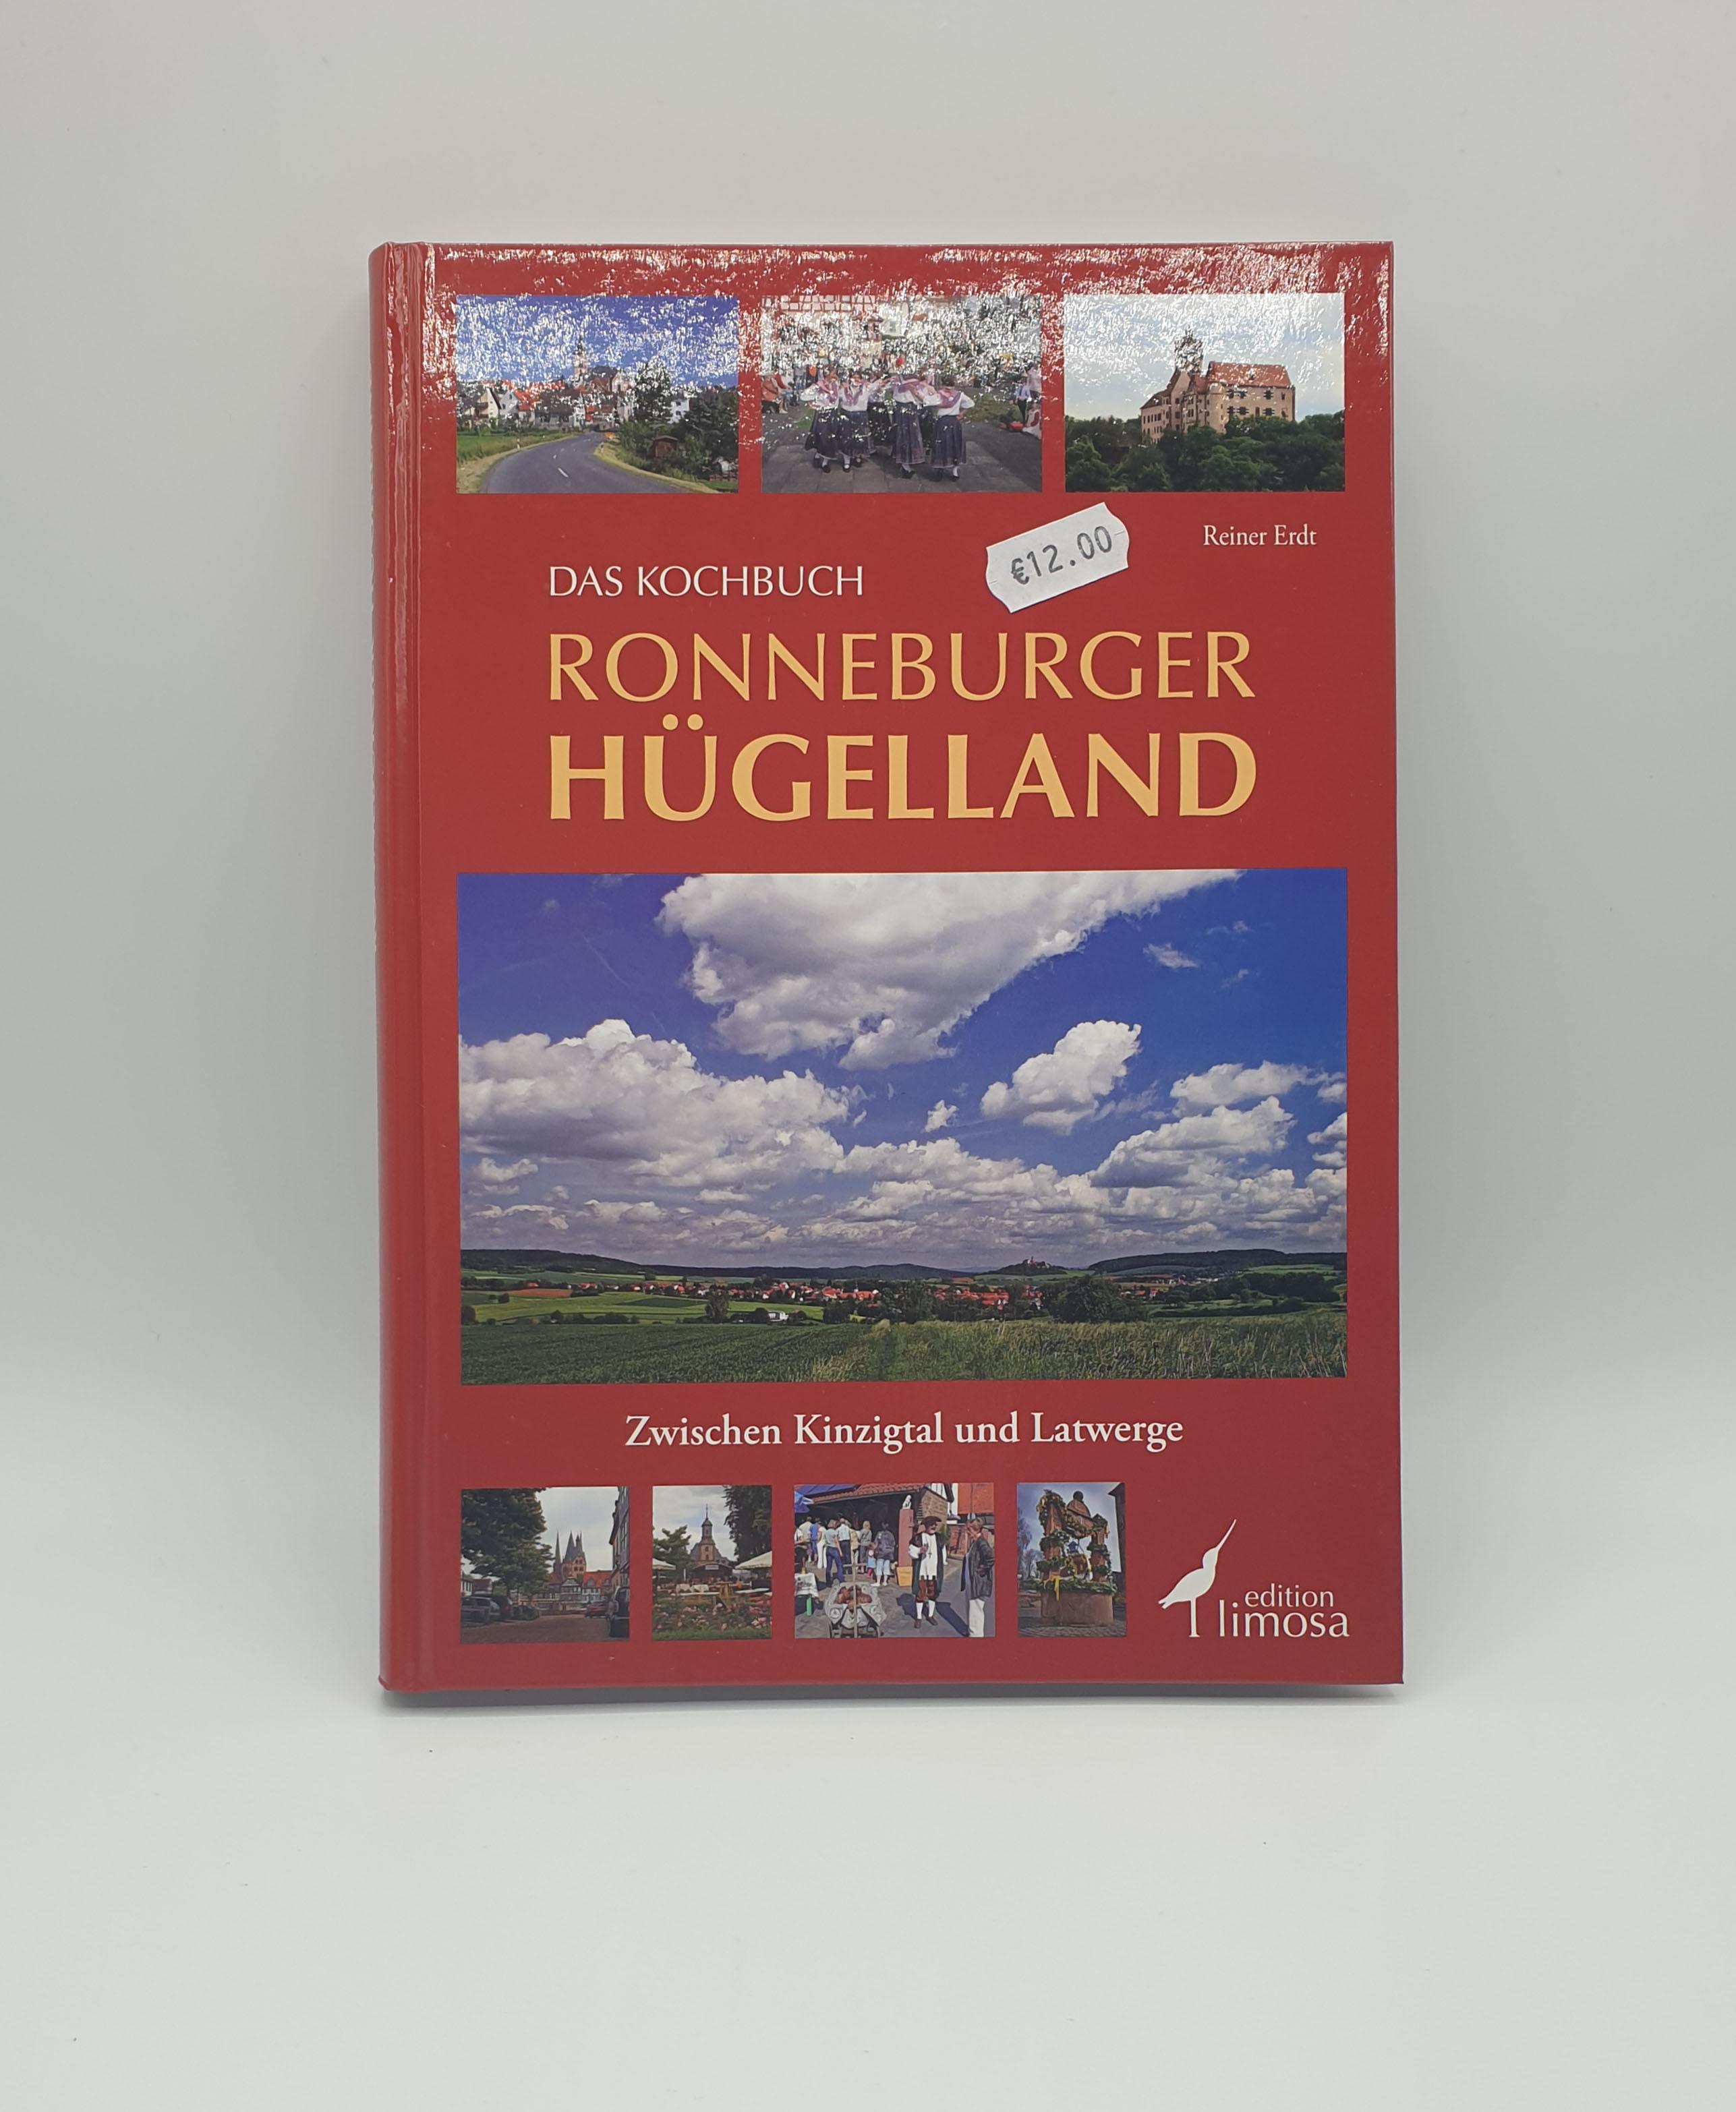 Ronneburg Kochbuch